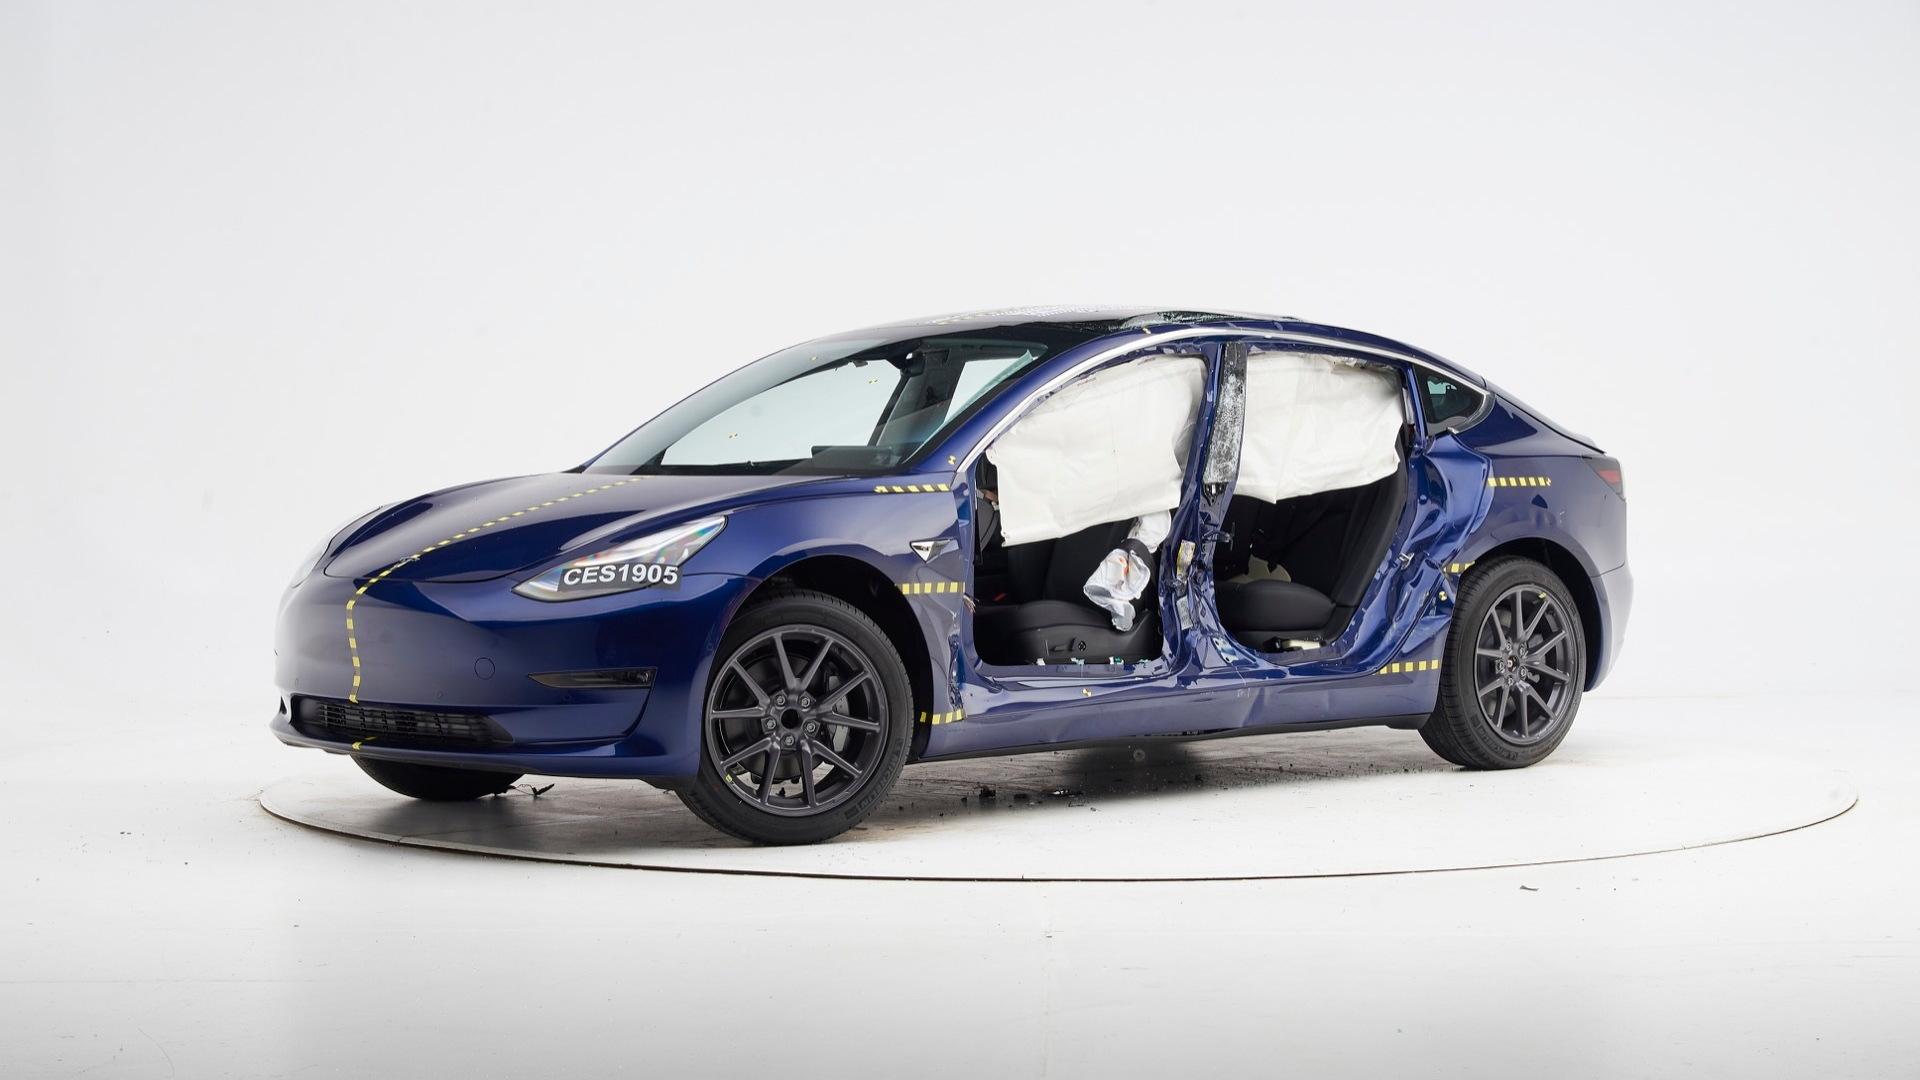 2019 Tesla Model 3  -  IIHS side impact crash test